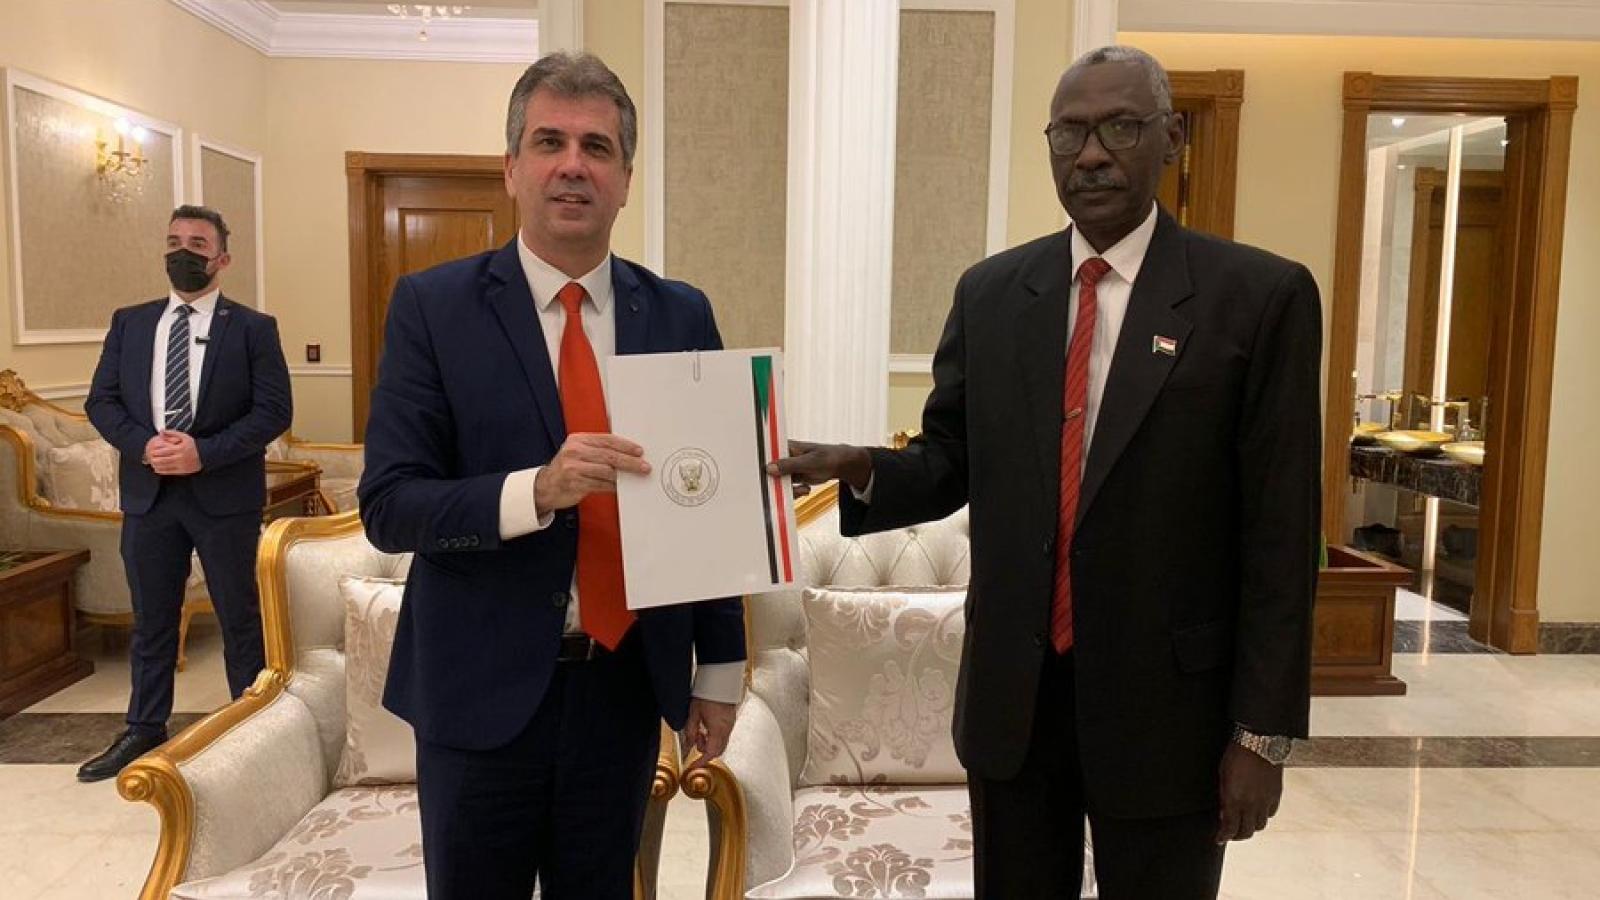 Phái đoàn cấp cao của Israel thăm Sudan, thảo luận về hiệp định hòa bình song phương